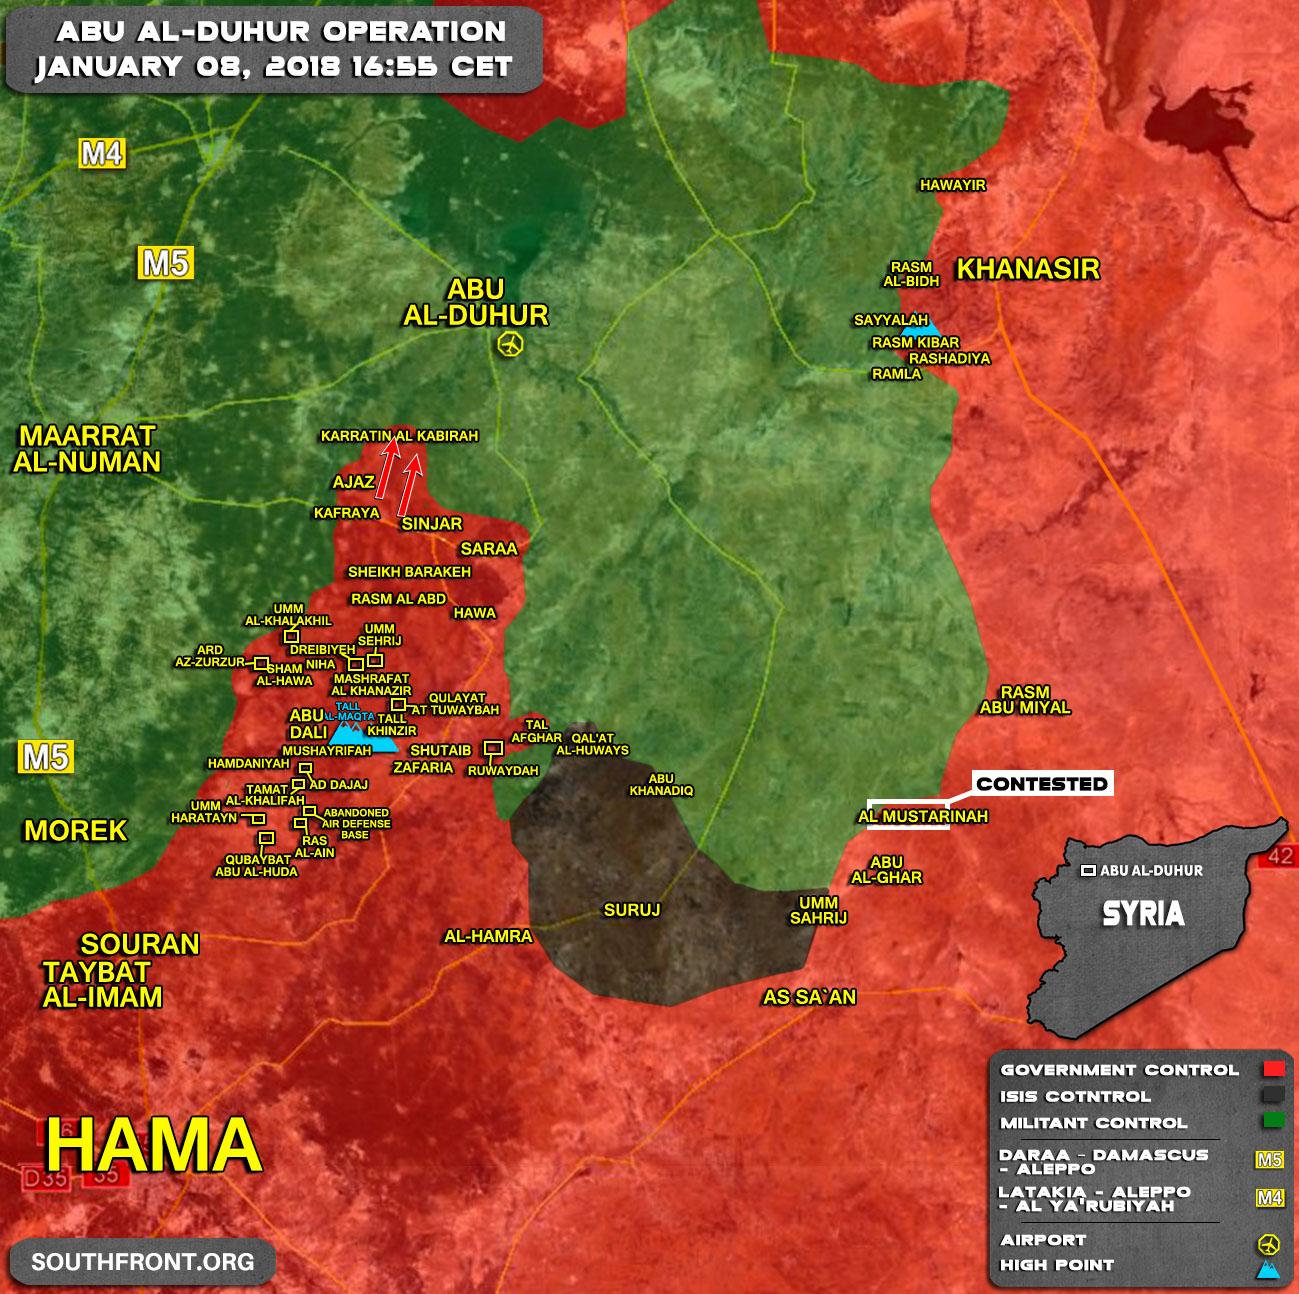 Карта наступательной операции на юге Идлиба на вечер 08 01 2018